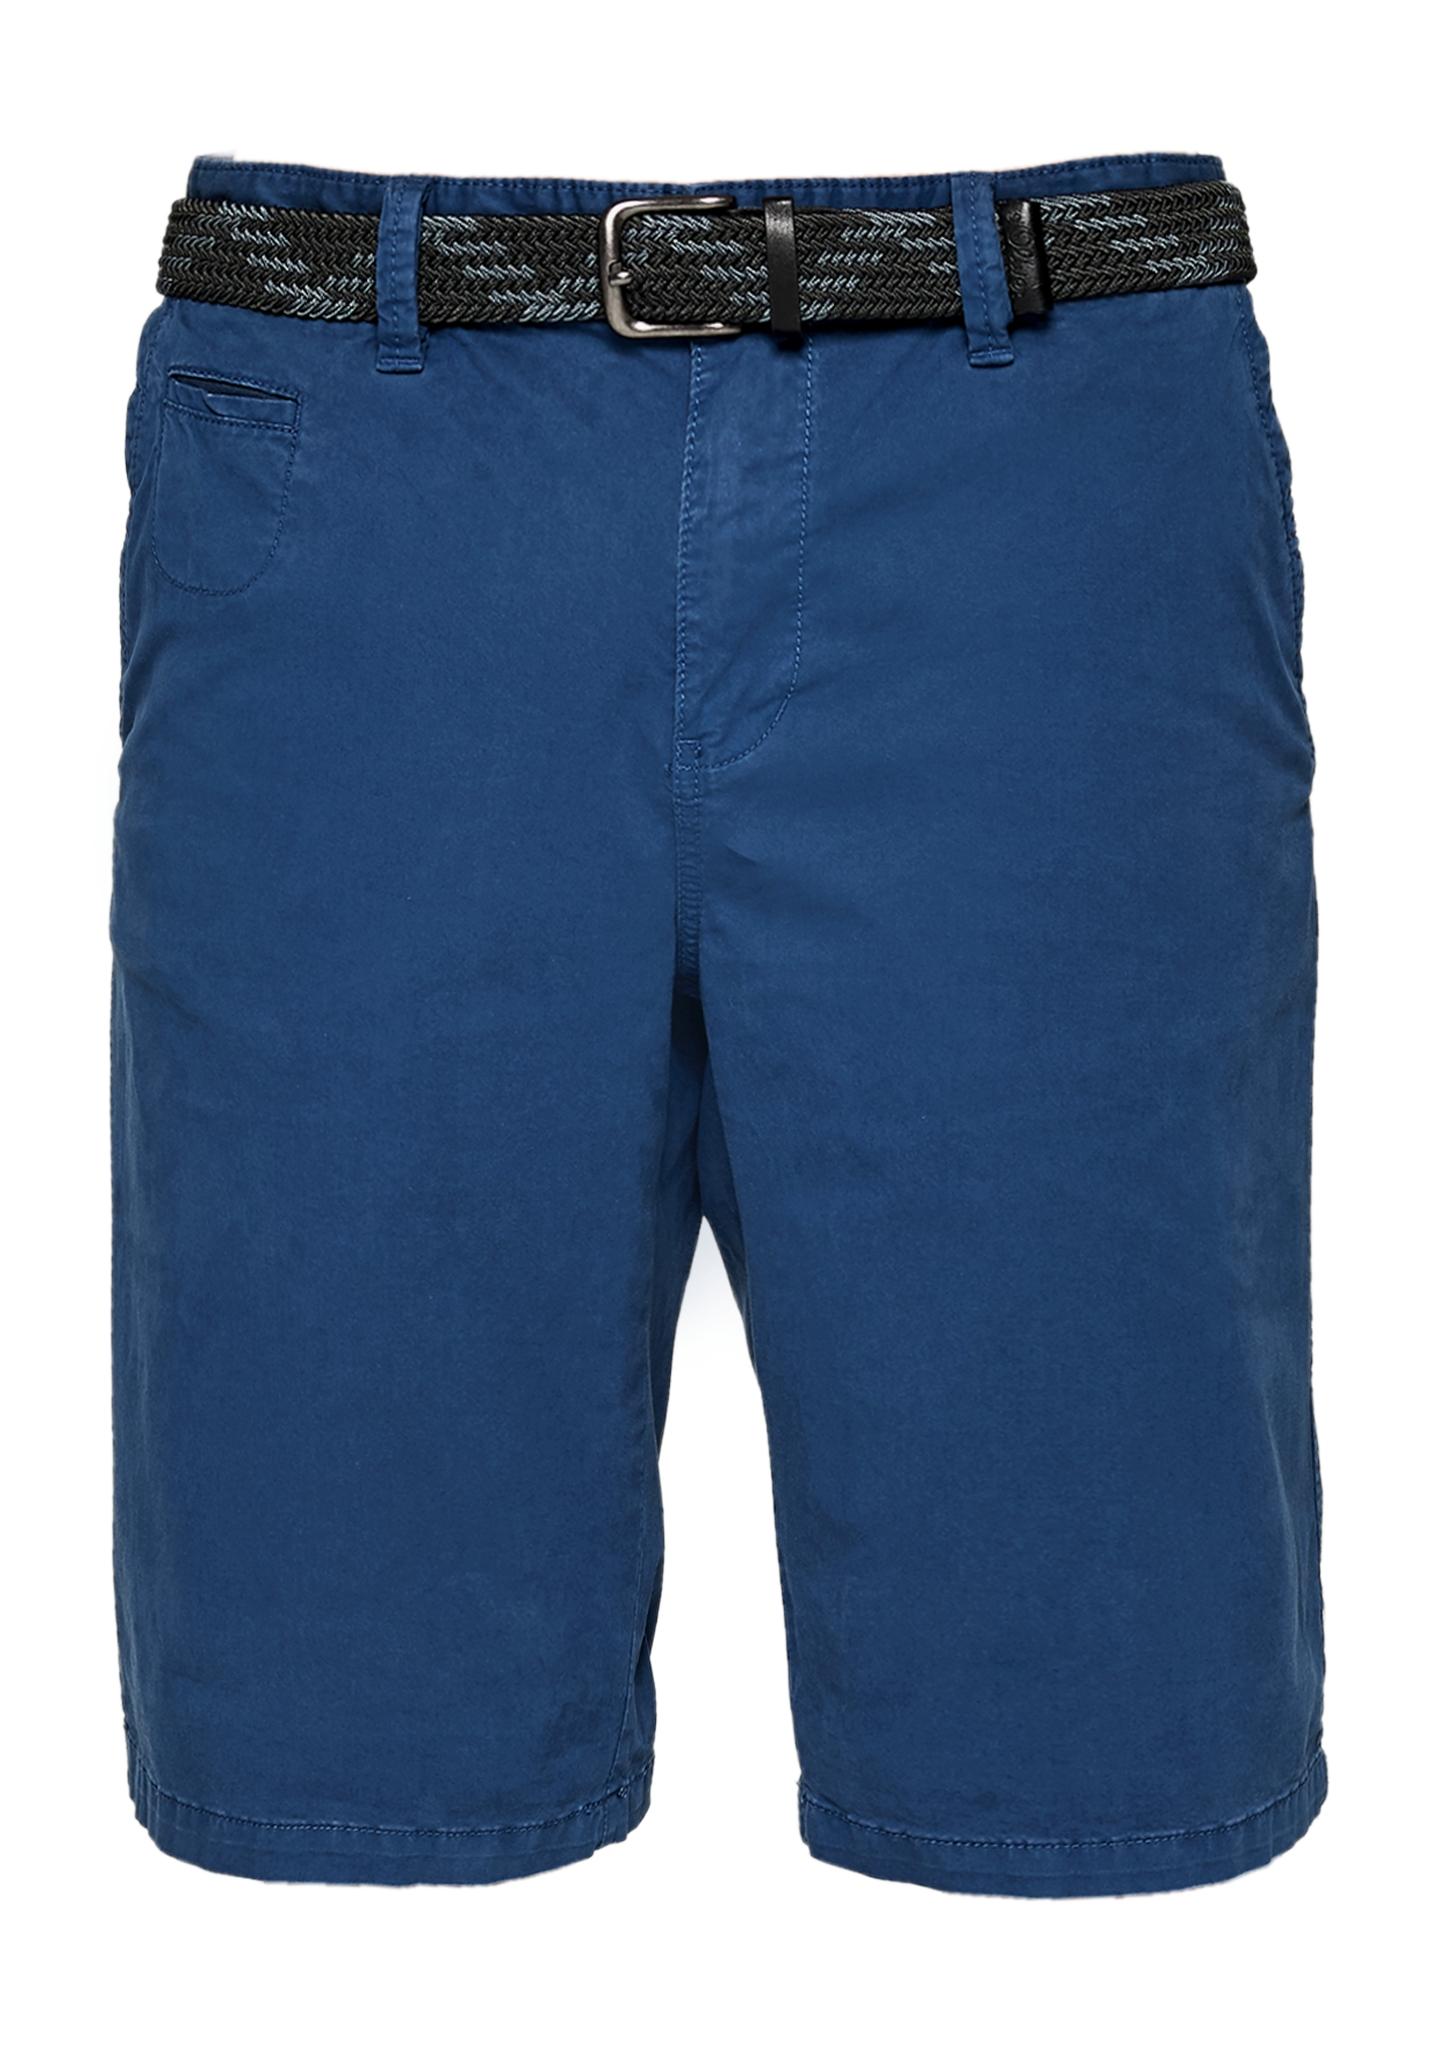 Bermudashorts   Bekleidung > Shorts & Bermudas > Bermudas   Blau   Oberstoff: 98% baumwolle -  2% elasthan  futter: 100% baumwolle   s.Oliver Men Big Sizes